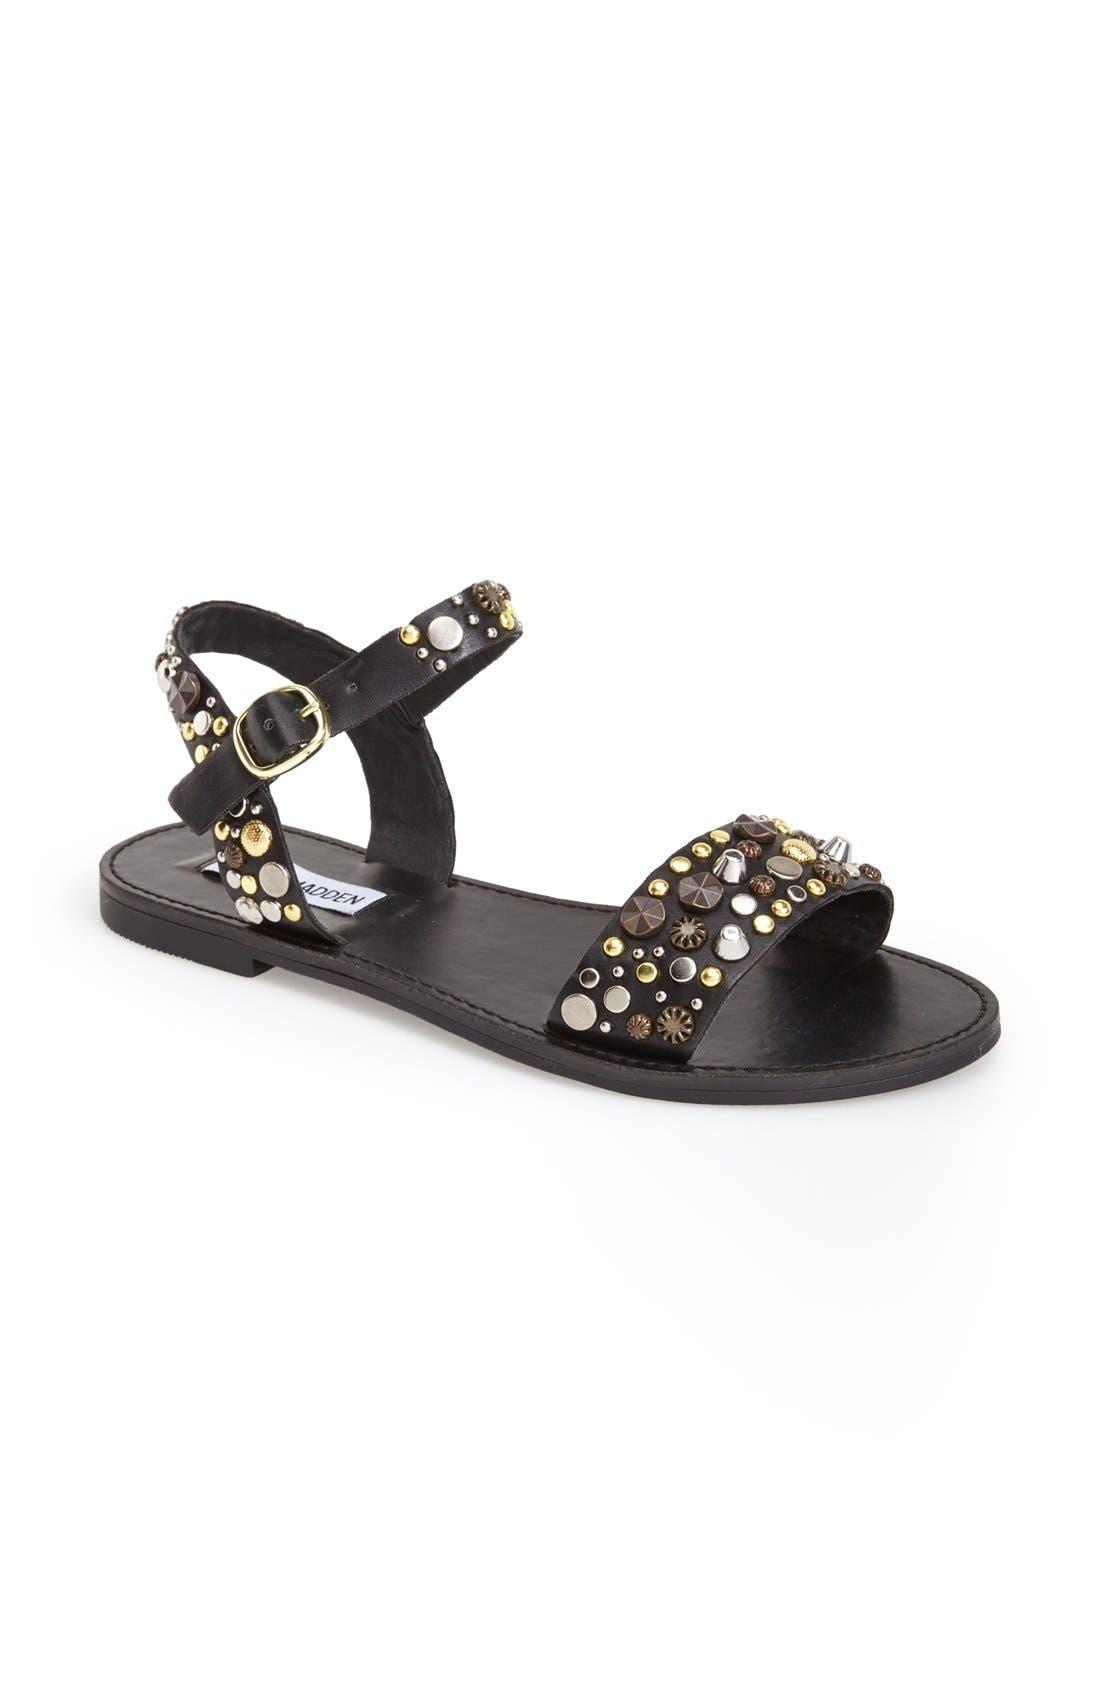 Main Image - Steve Madden 'Donddi-S' Ankle Strap Sandal (Women)